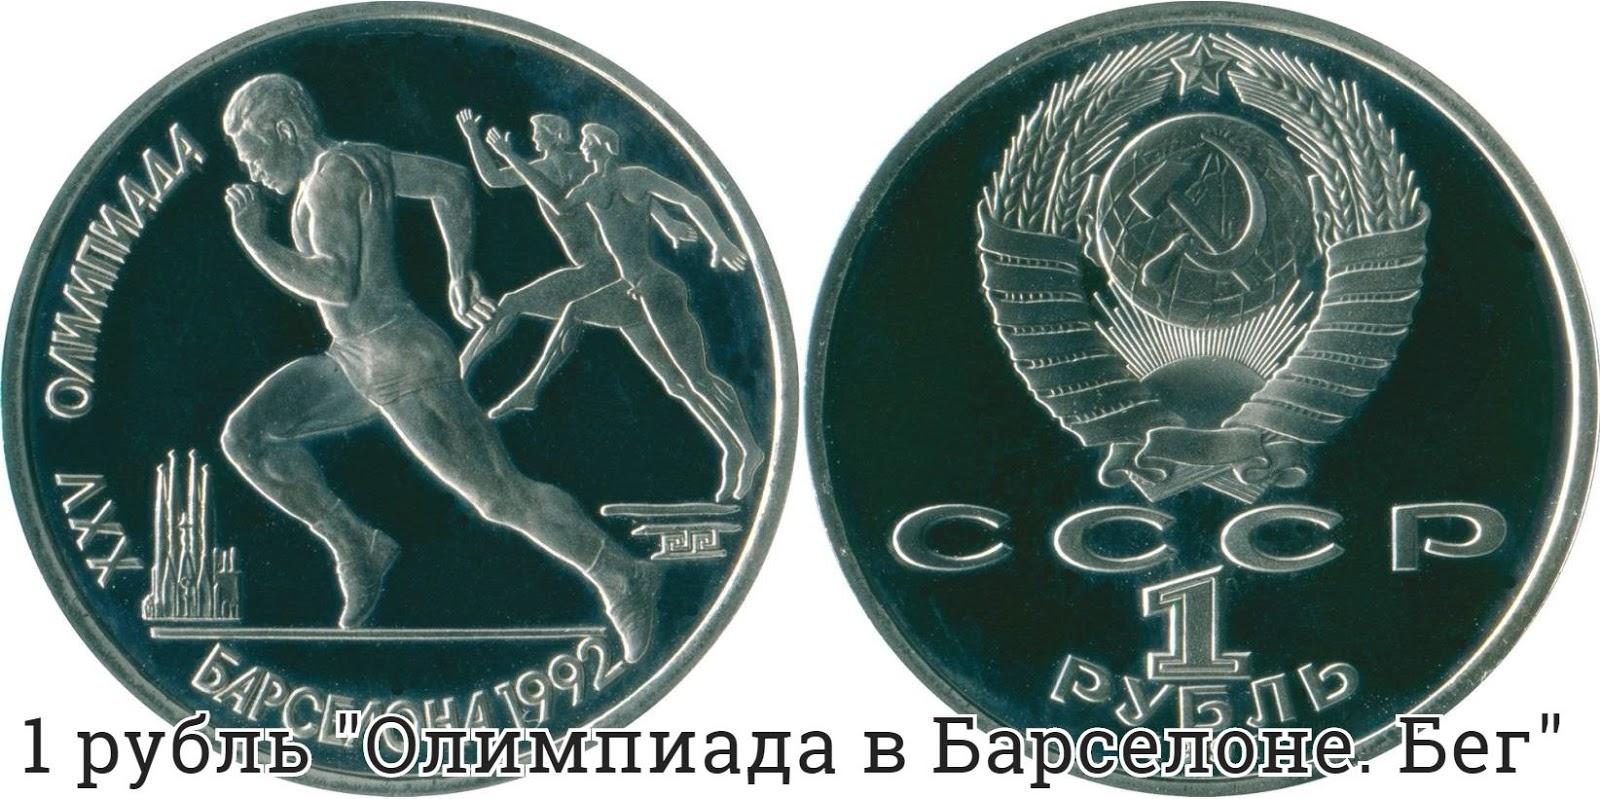 1 рубль 1991 - велоспорт - xxv летние олимпийские игры, барселона 1992 (коллекционная монета) - ссср #2